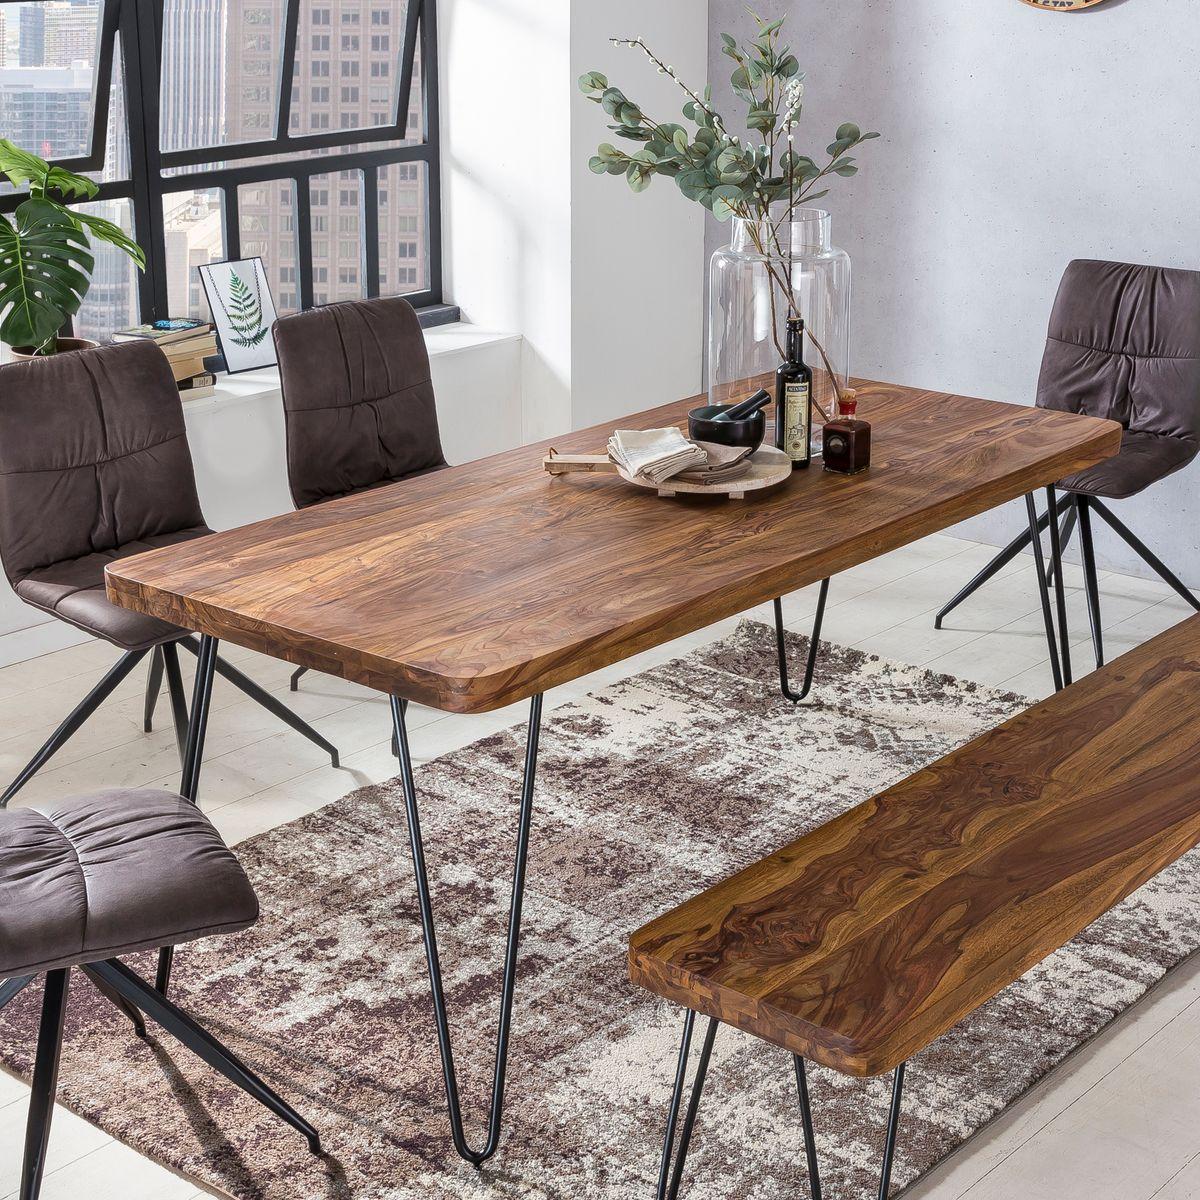 massiver esstisch harlem sheesham holz tisch massiv esszimmertisch holztisch ebay. Black Bedroom Furniture Sets. Home Design Ideas